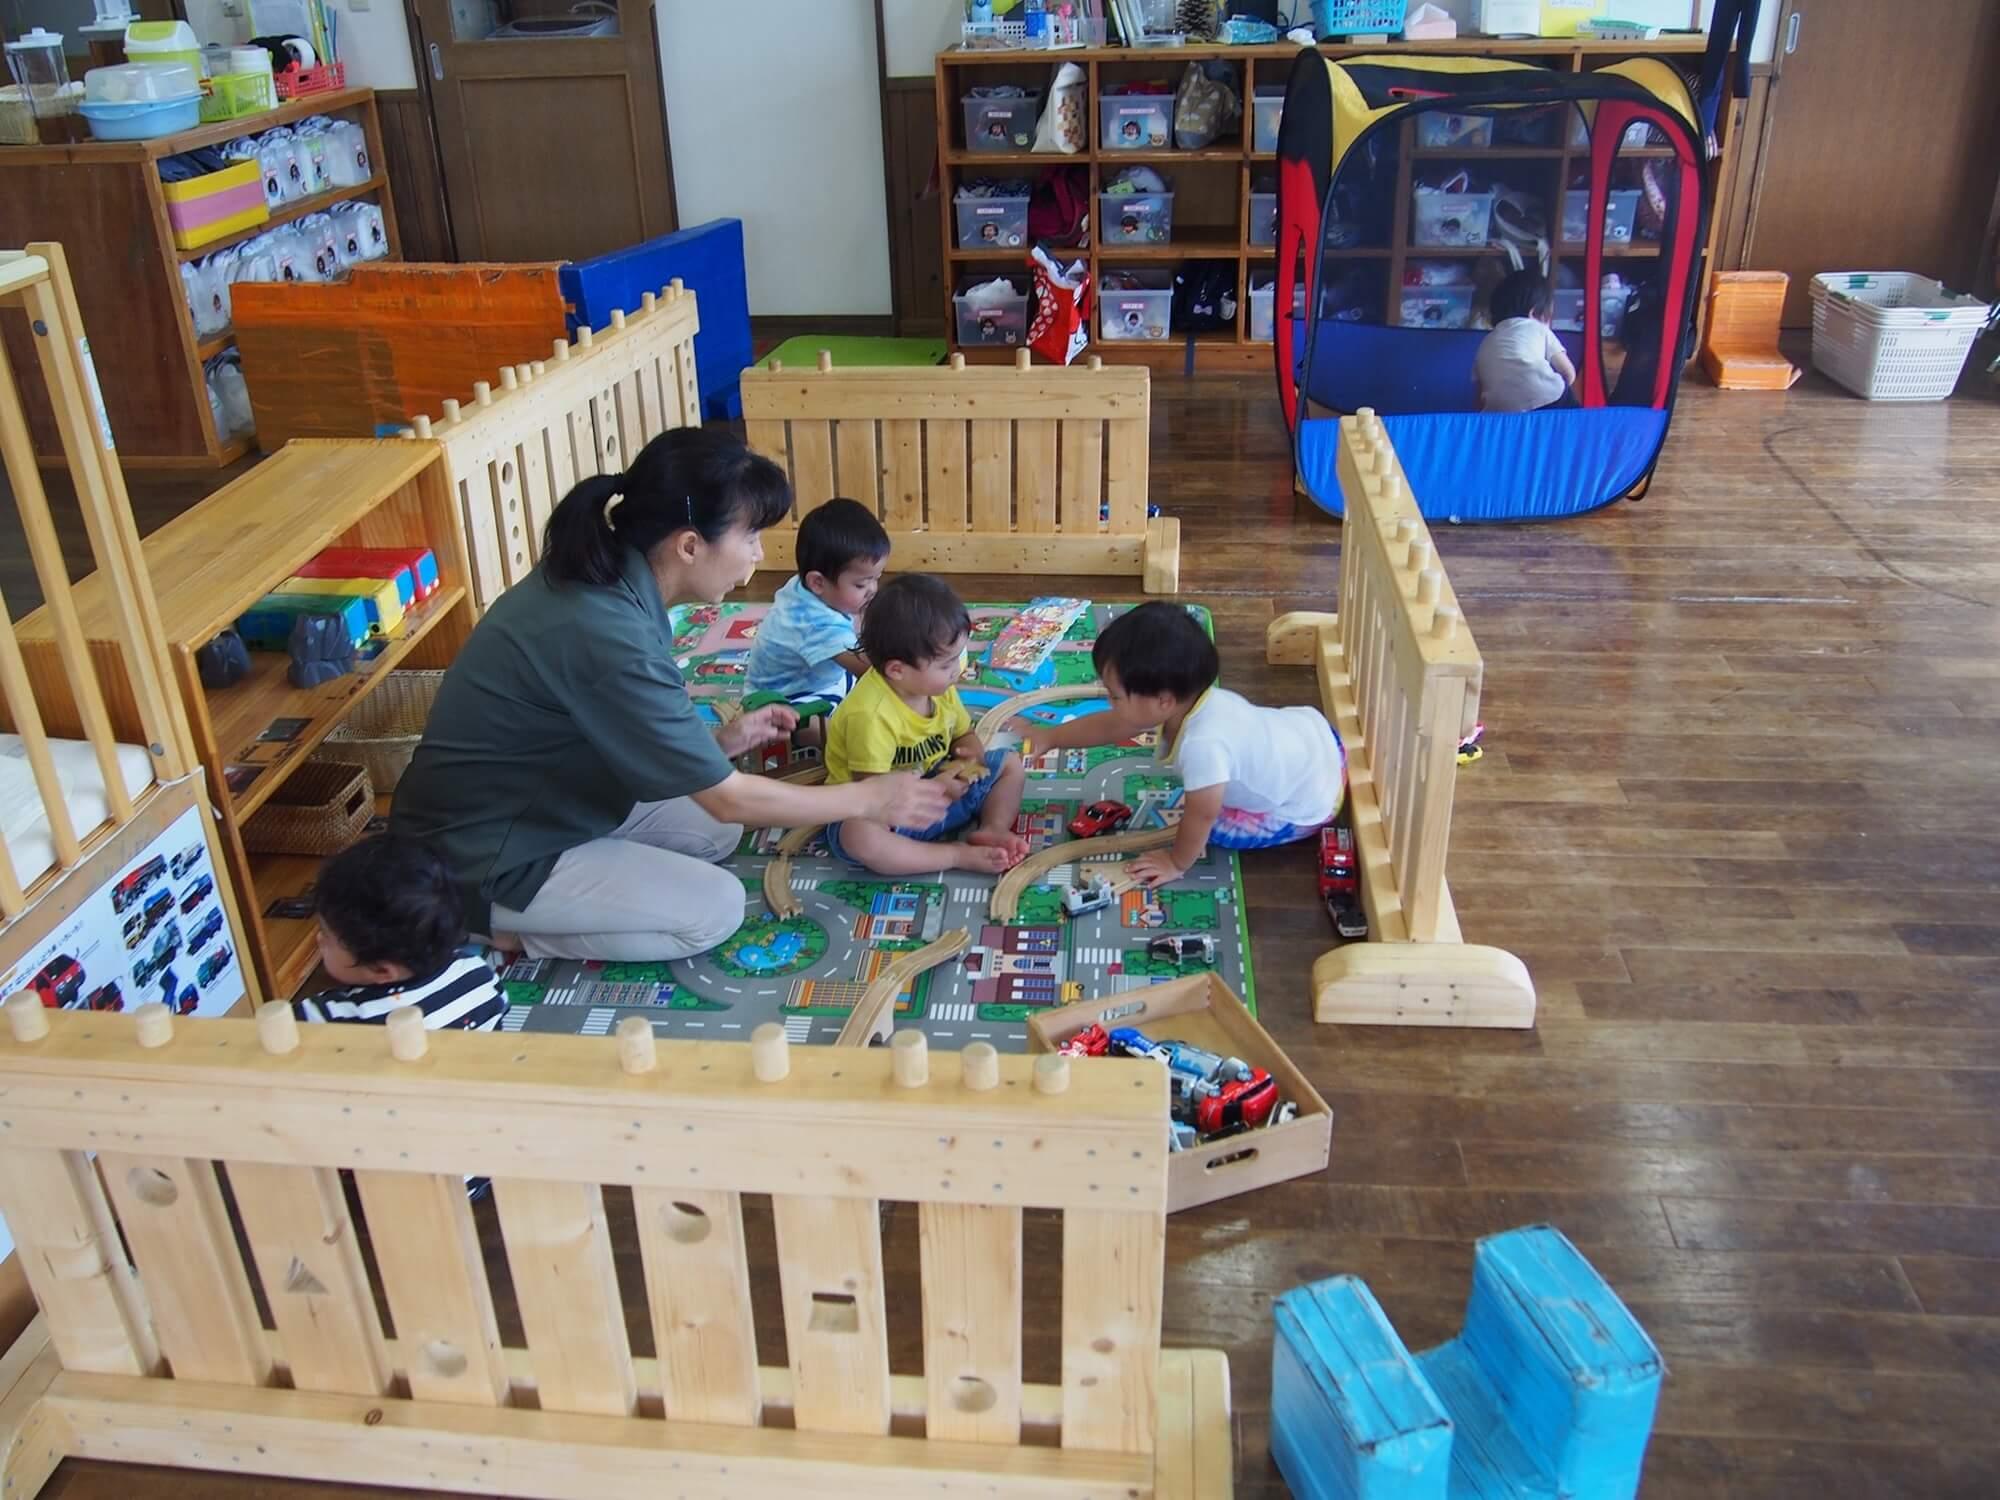 移動式のパーテーションは子どもが増えれば広げられる